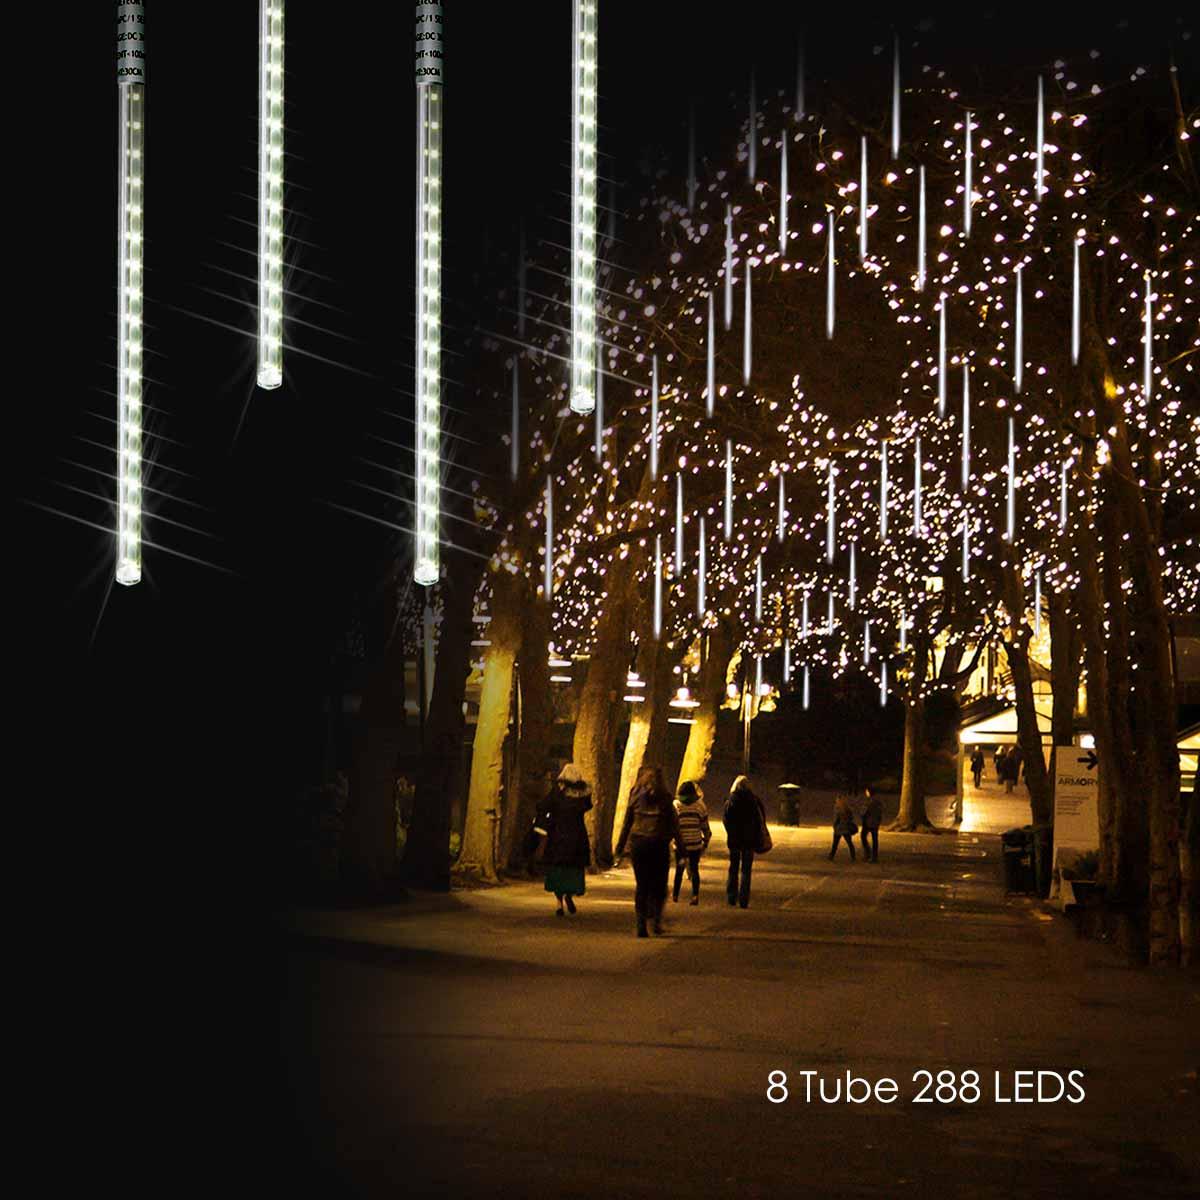 Solar Powered LED Outdoor Lichter Meteor Dusche Regen Lichter Eiszapfen Regentropfen Schnee Fallen Lichter Garten Urlaub Hochzeit Dekoration